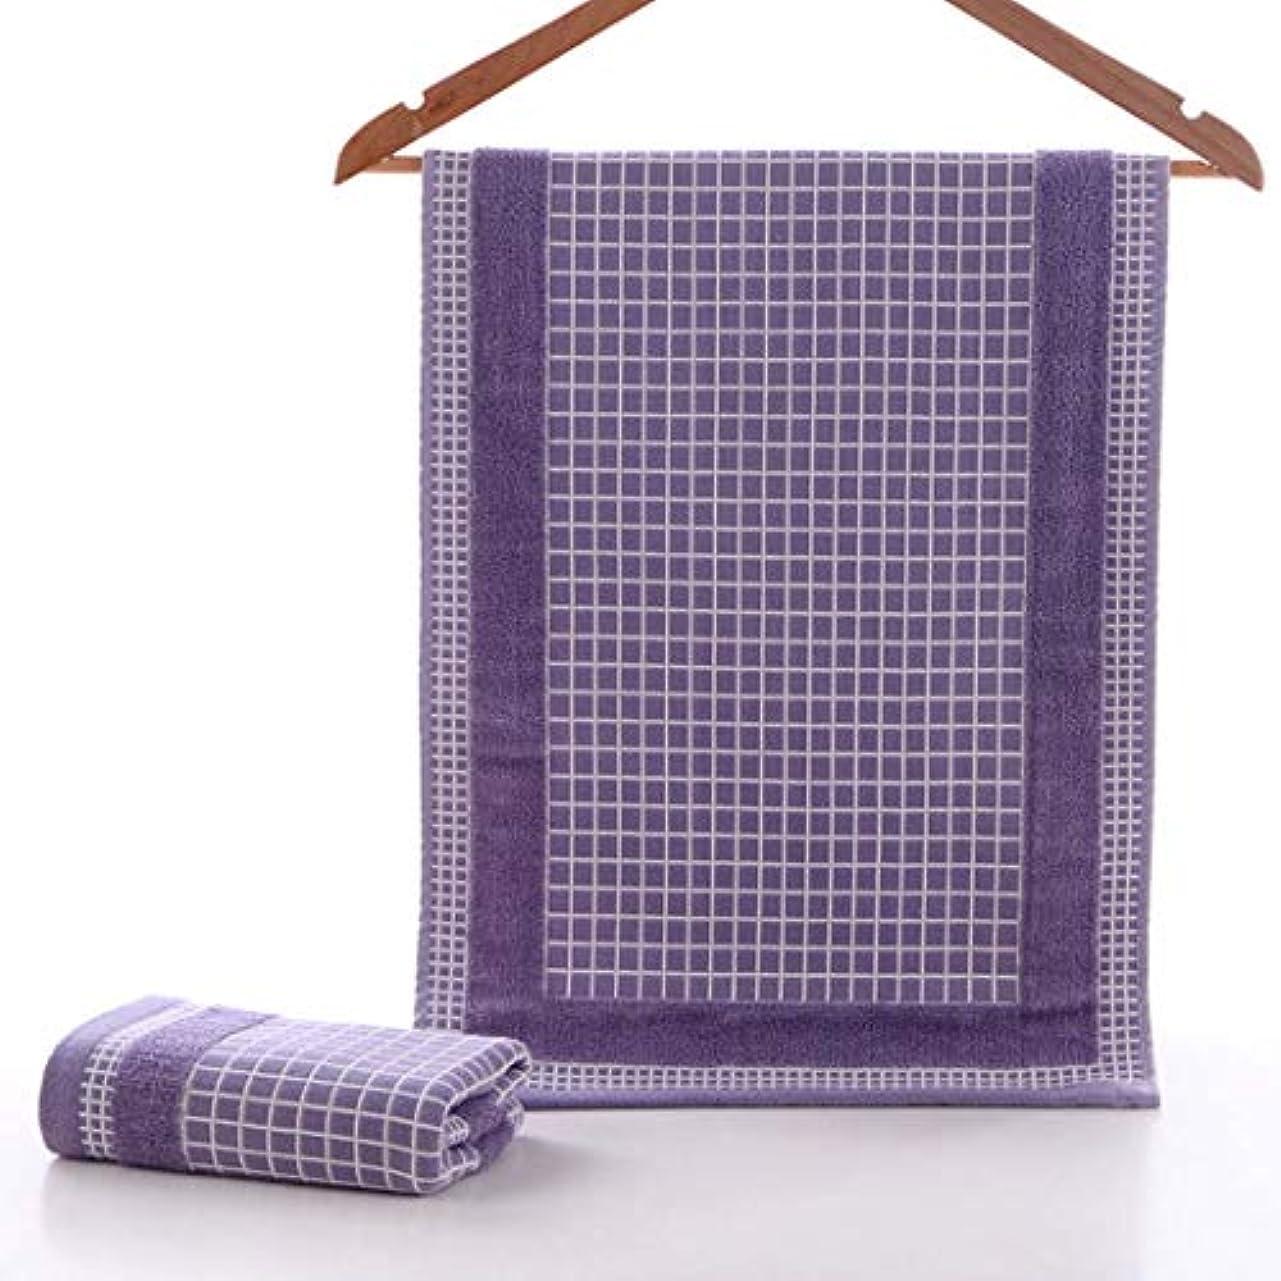 豆腐発掘する落胆させるスーパーソフトコットンタオルコットンフェイスタオル吸収性フェイスタオル,Purple,34*75